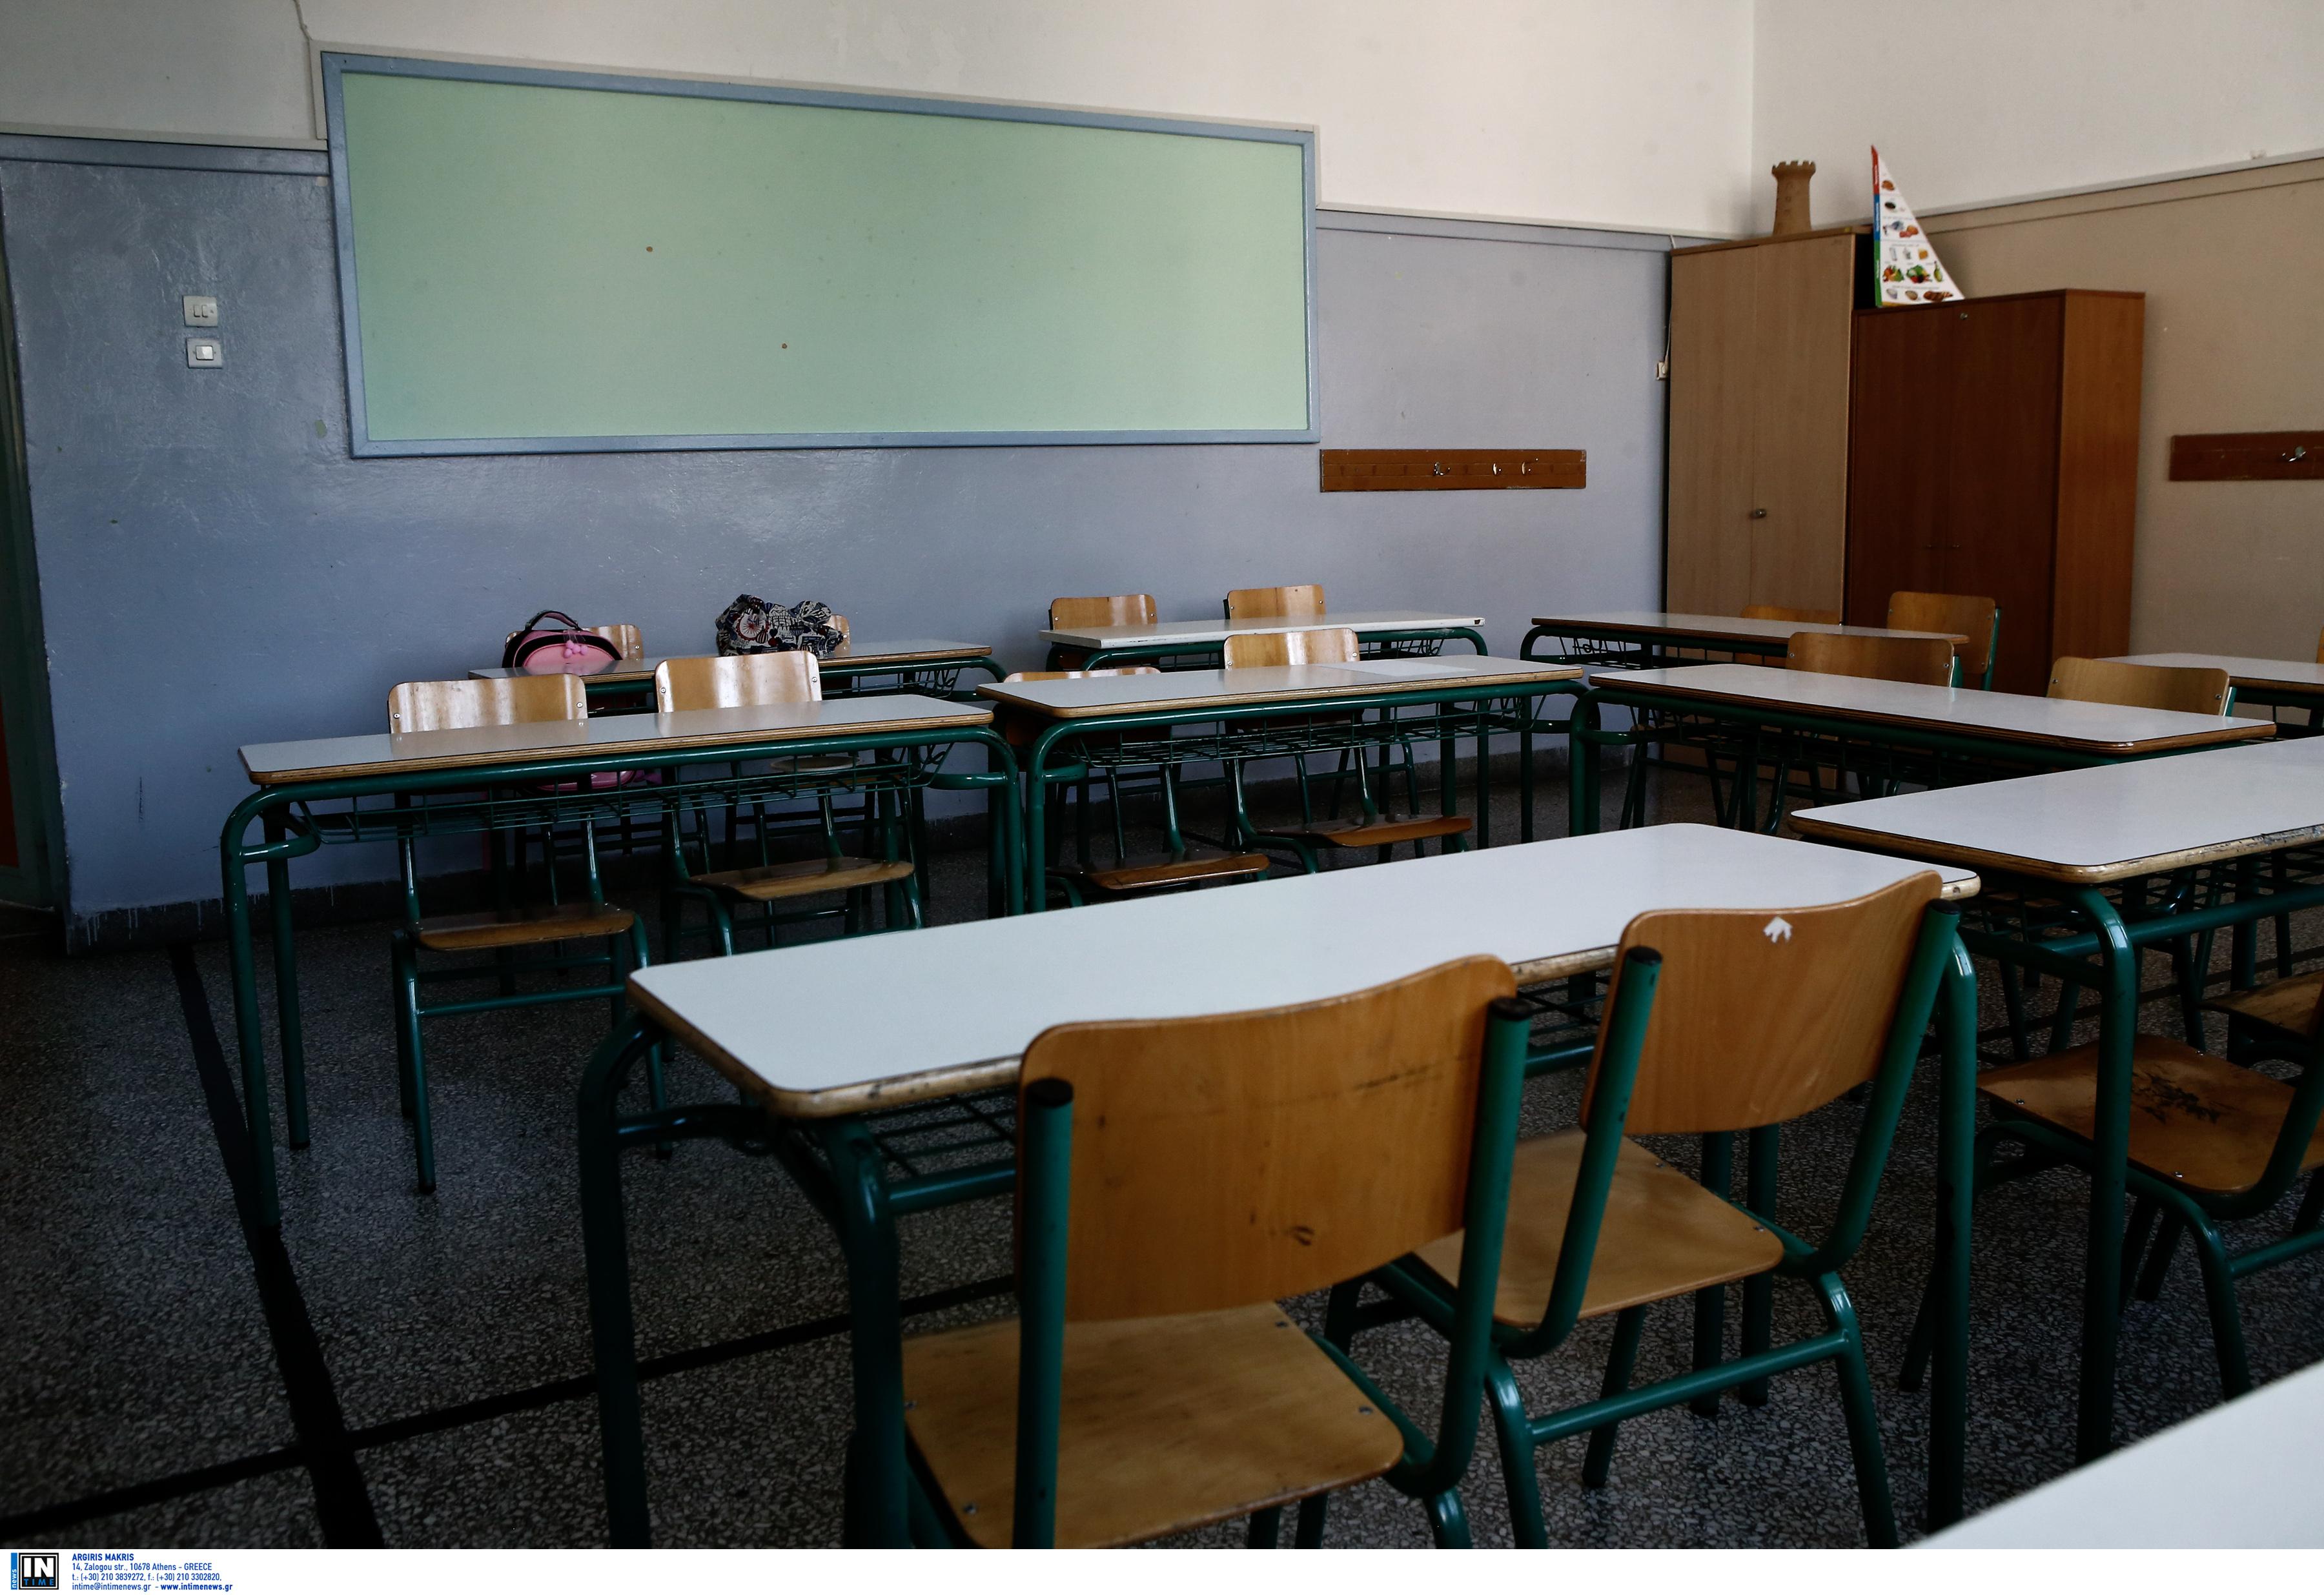 Δωδεκάνησα: Με τηλεδιάσκεψη το μάθημα της πληροφορικής σε Νίσυρο, Τήλο και Κάσο – Αντιδράσεις μετά την απόφαση!